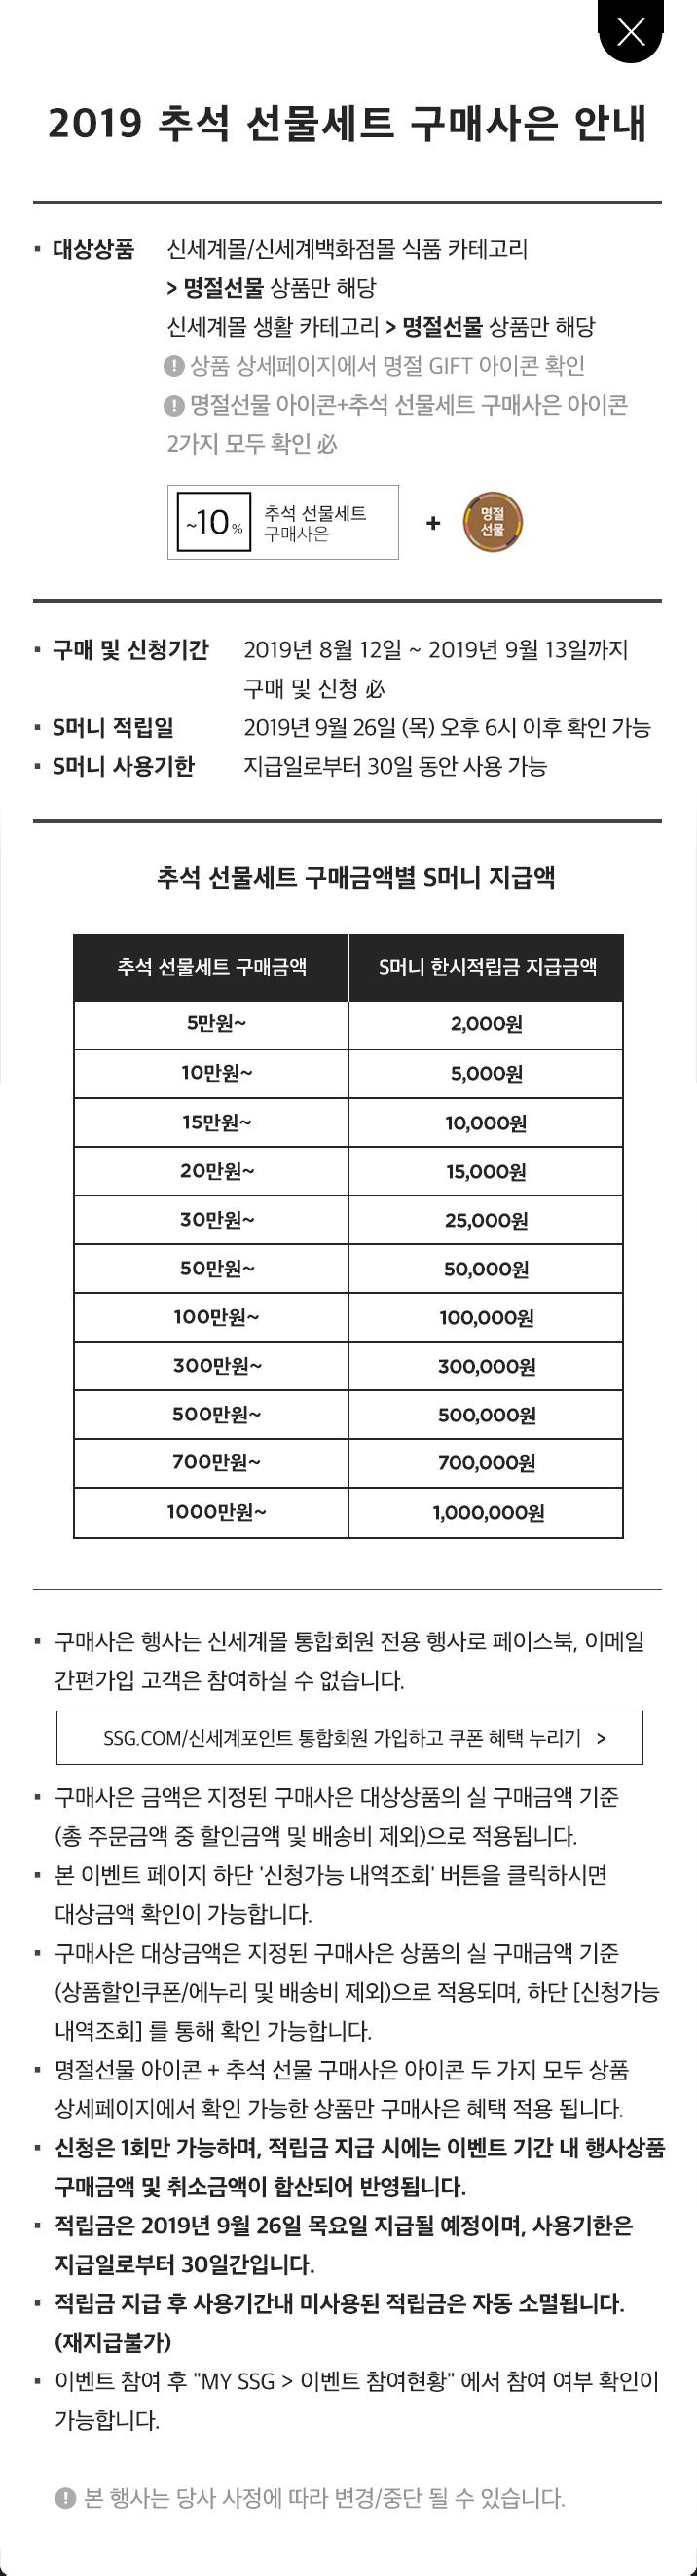 (팝업) 2019 추석 선물세트 구매사은 안내